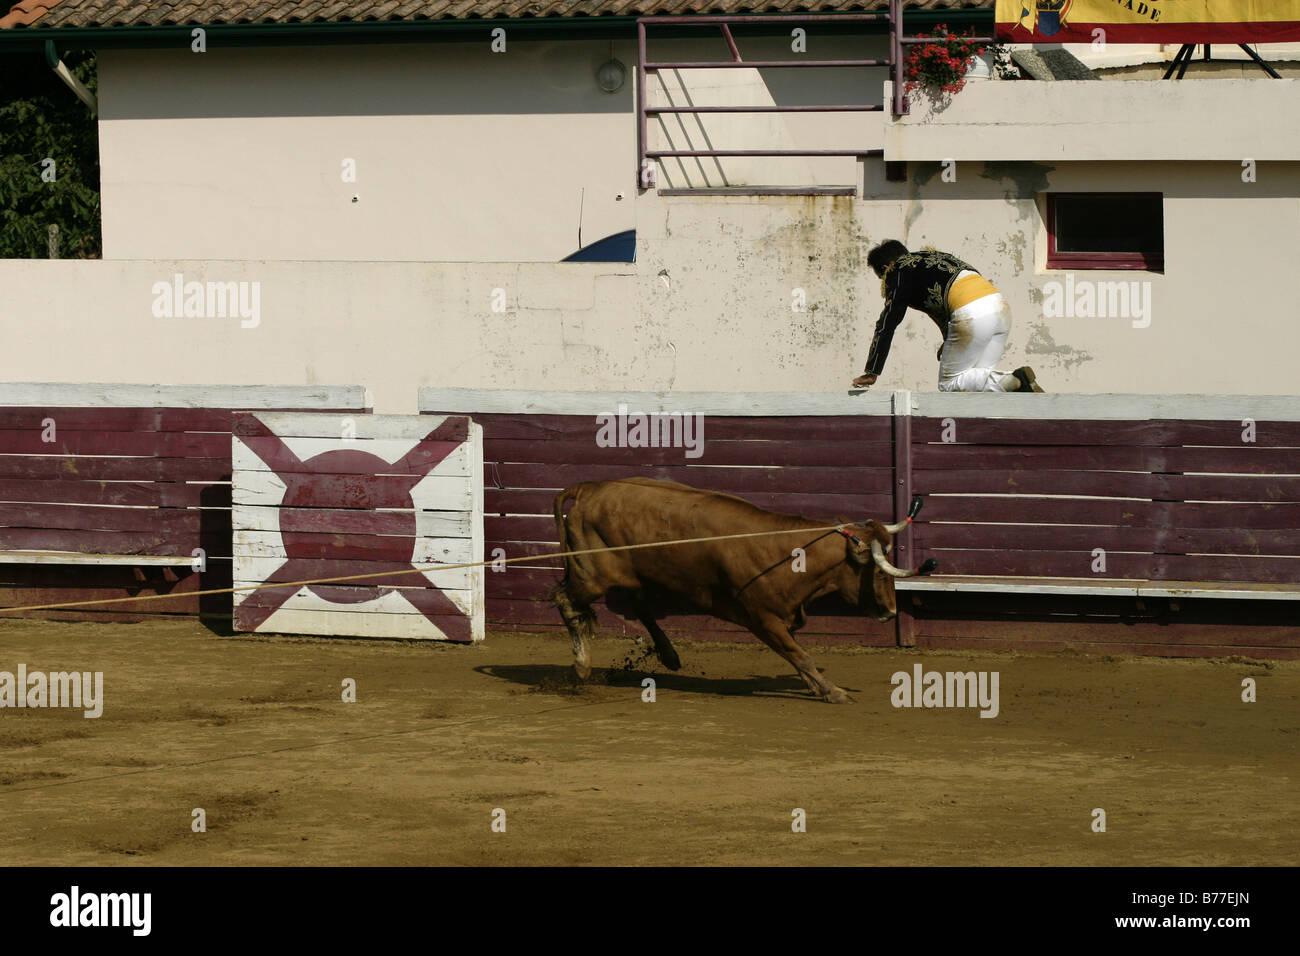 Ecarteur escapes charging cow Course Landaise Larrivière Aquitaine France Gascony Stock Photo